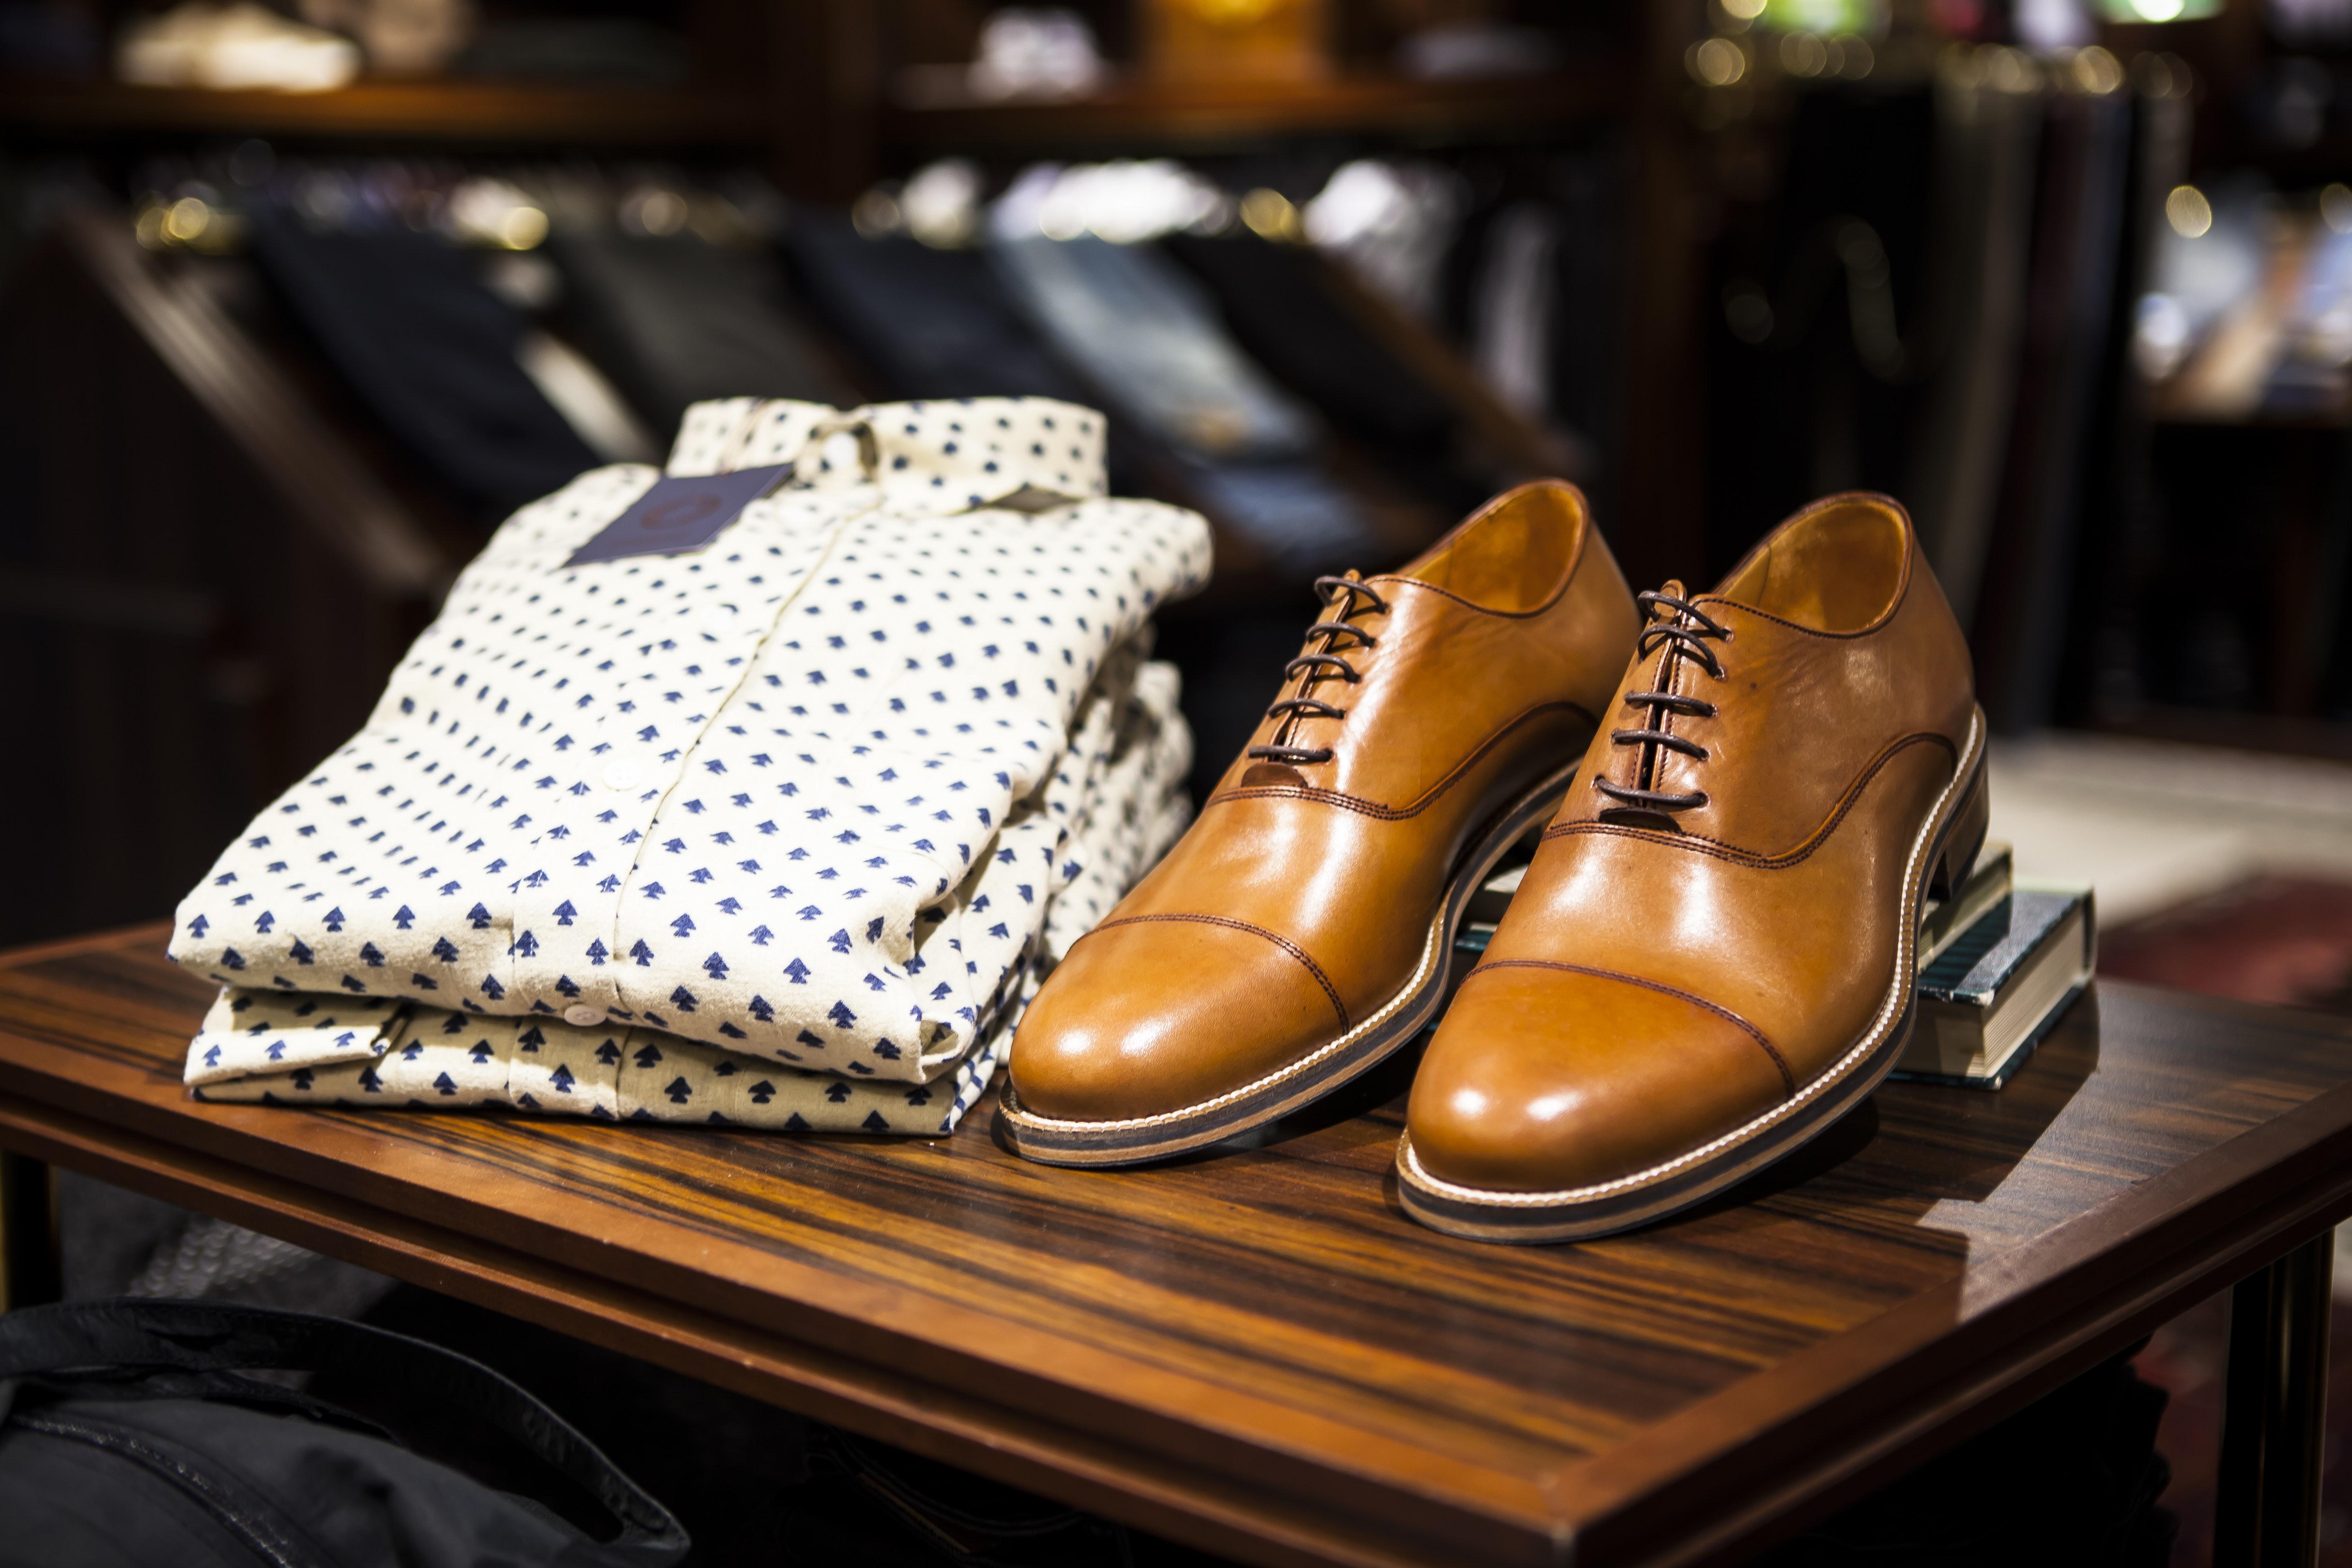 Comment bien choisir des chaussures grandes tailles ?